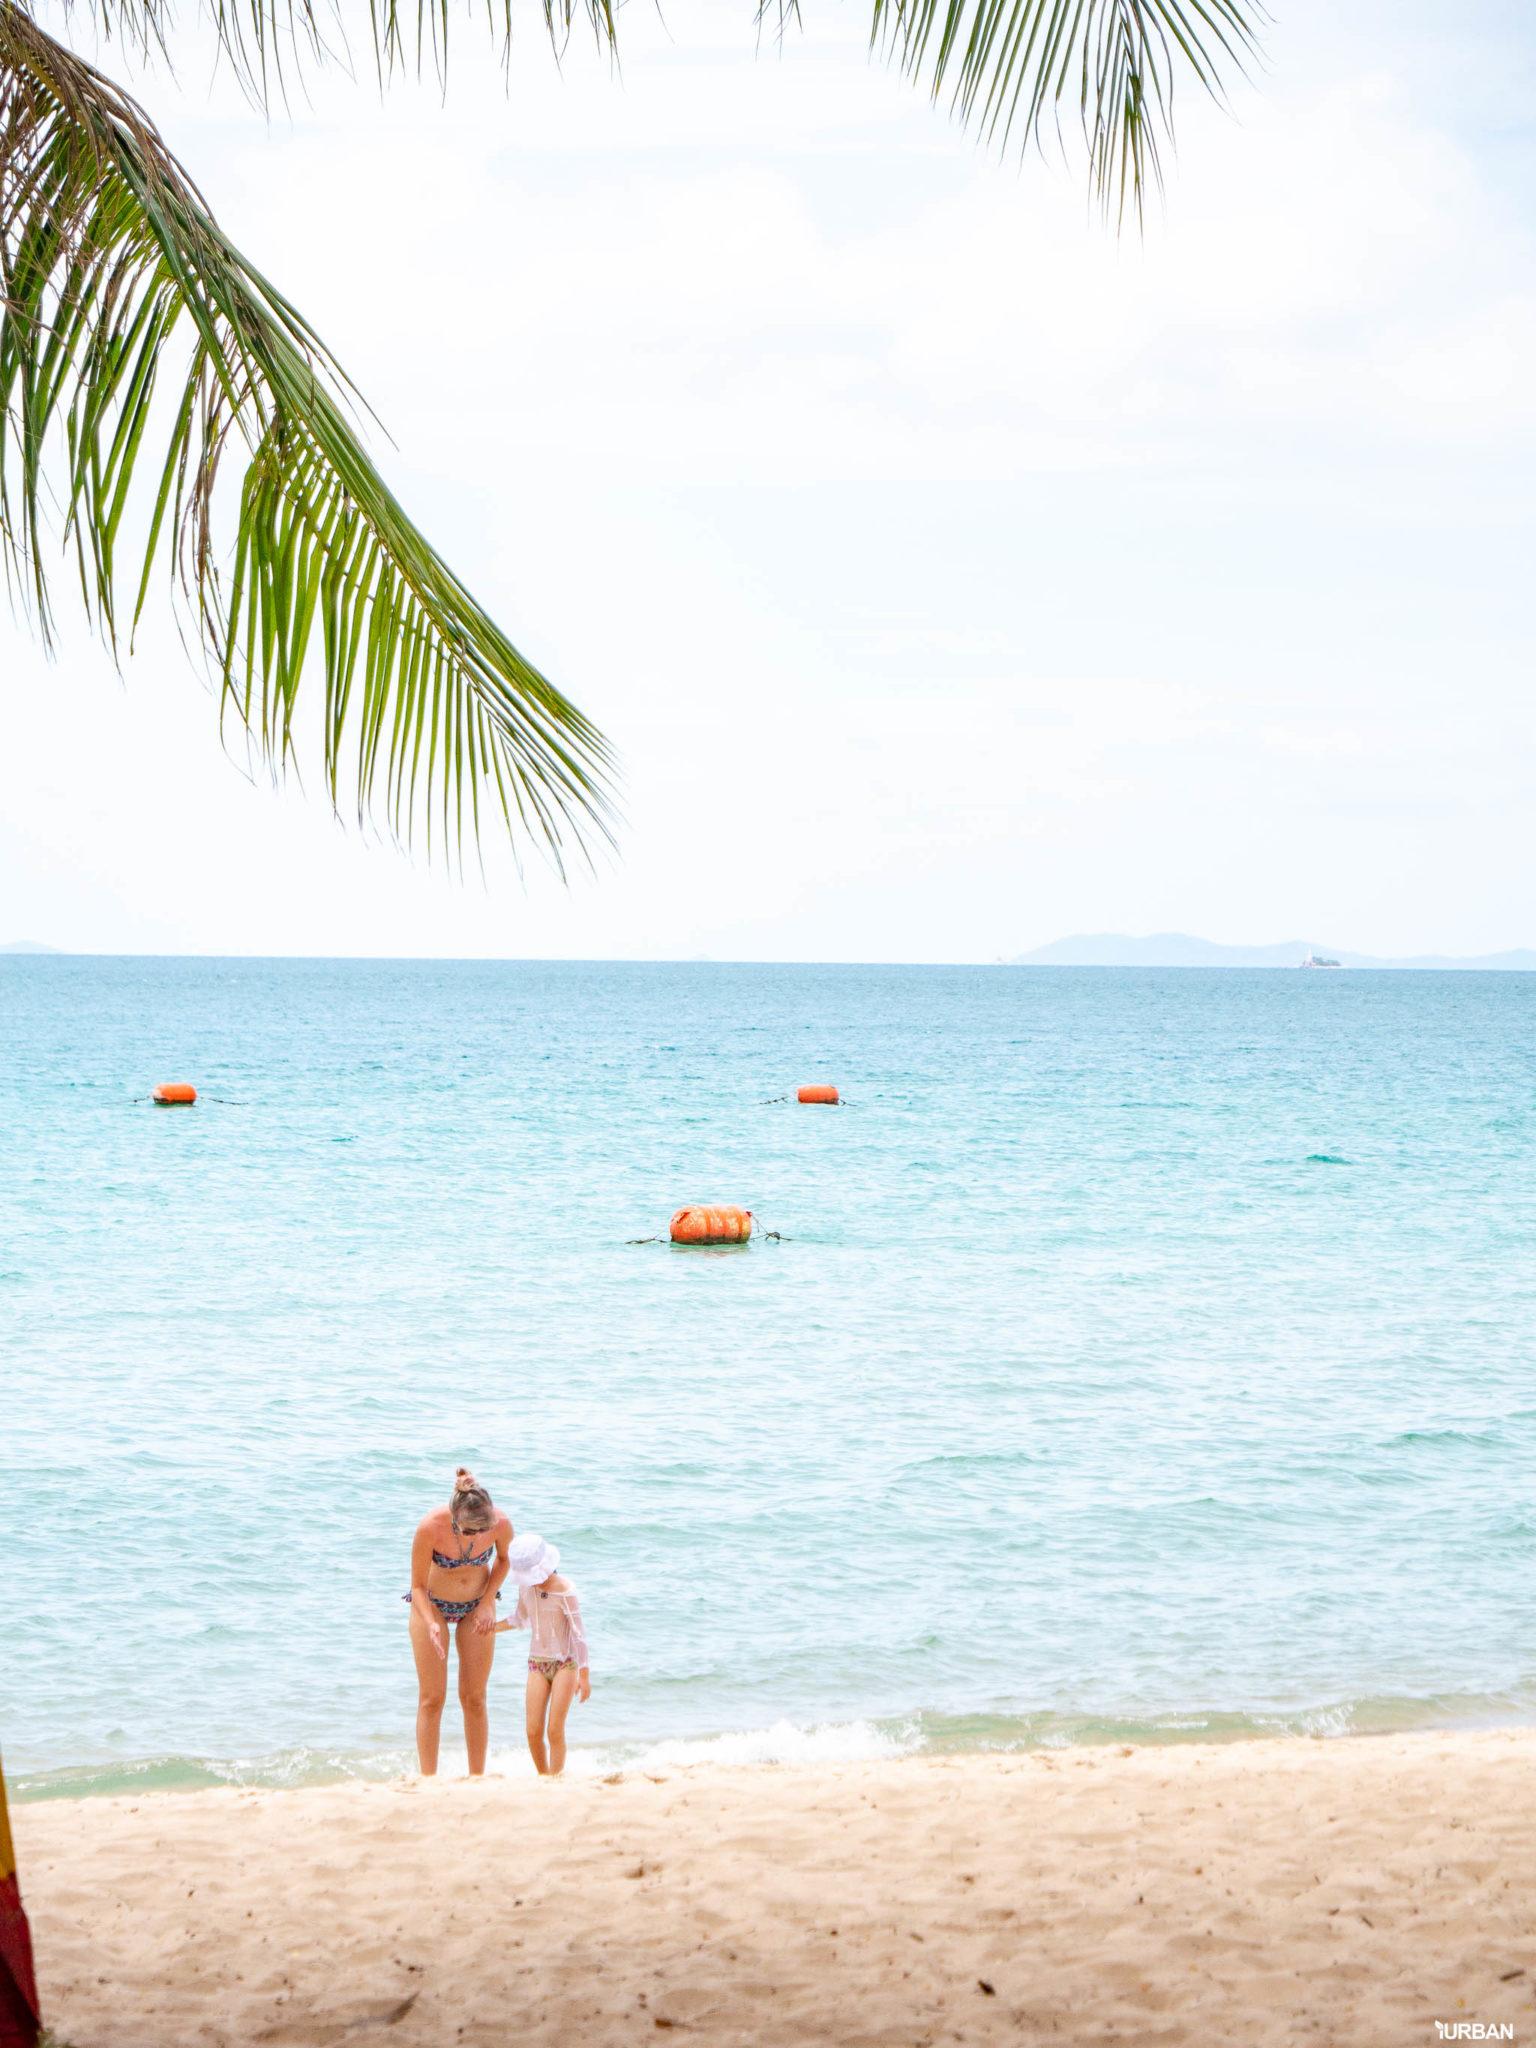 7 ชายหาดทะเลพัทยา ที่ยังสวยสะอาดน่าเที่ยวใกล้กรุงเทพ ไม่ต้องหนีร้อนไปไกล ก็พักได้ ชิลๆ 155 - Beach